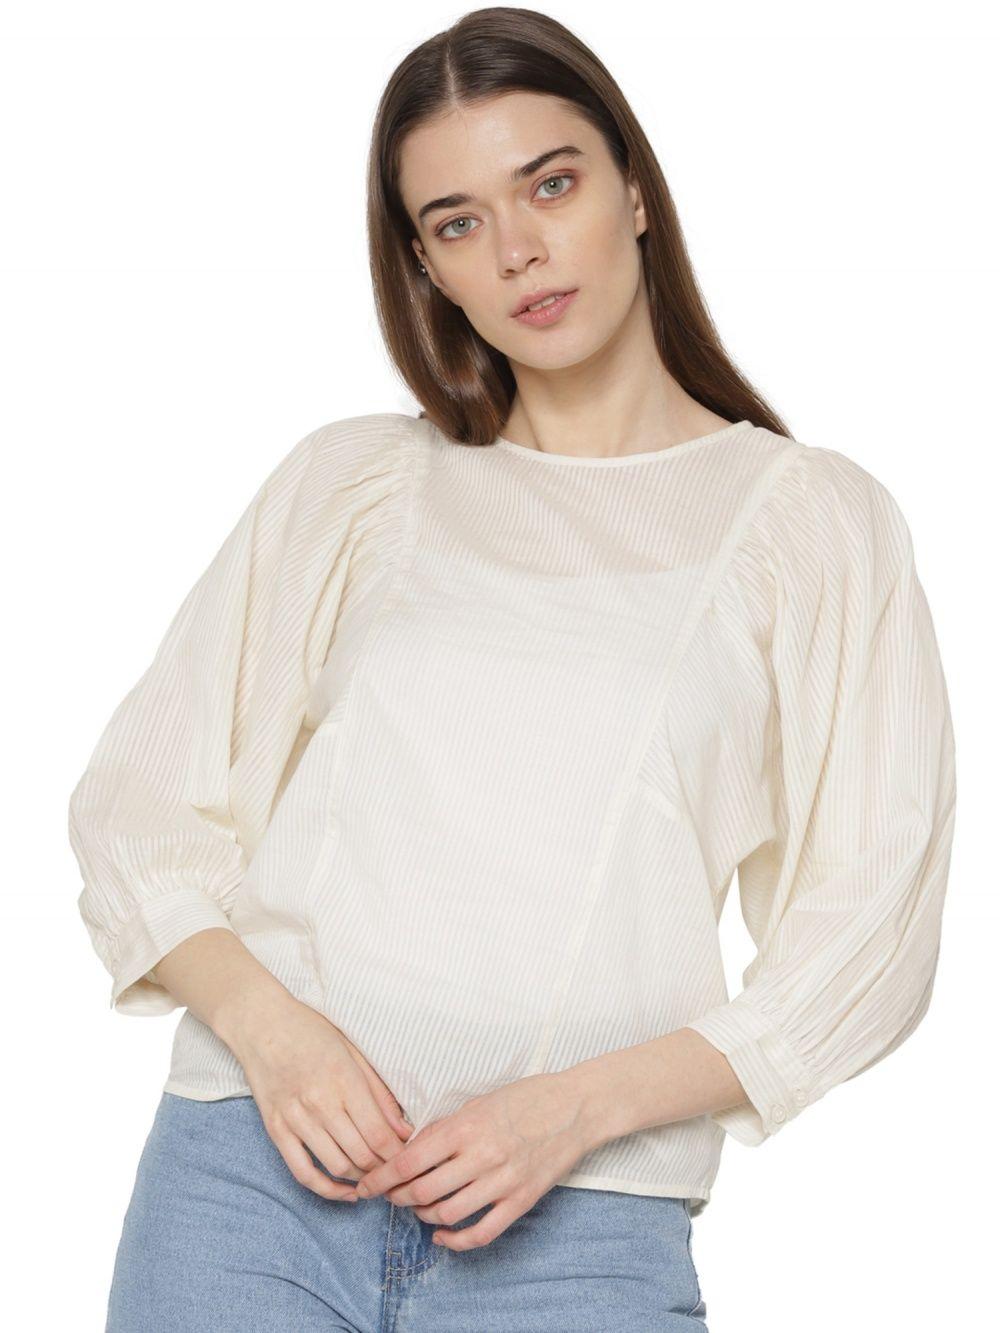 extrem einzigartig heißer verkauf billig Bestpreis ONLY Off White Striped Cuff Sleeves Top